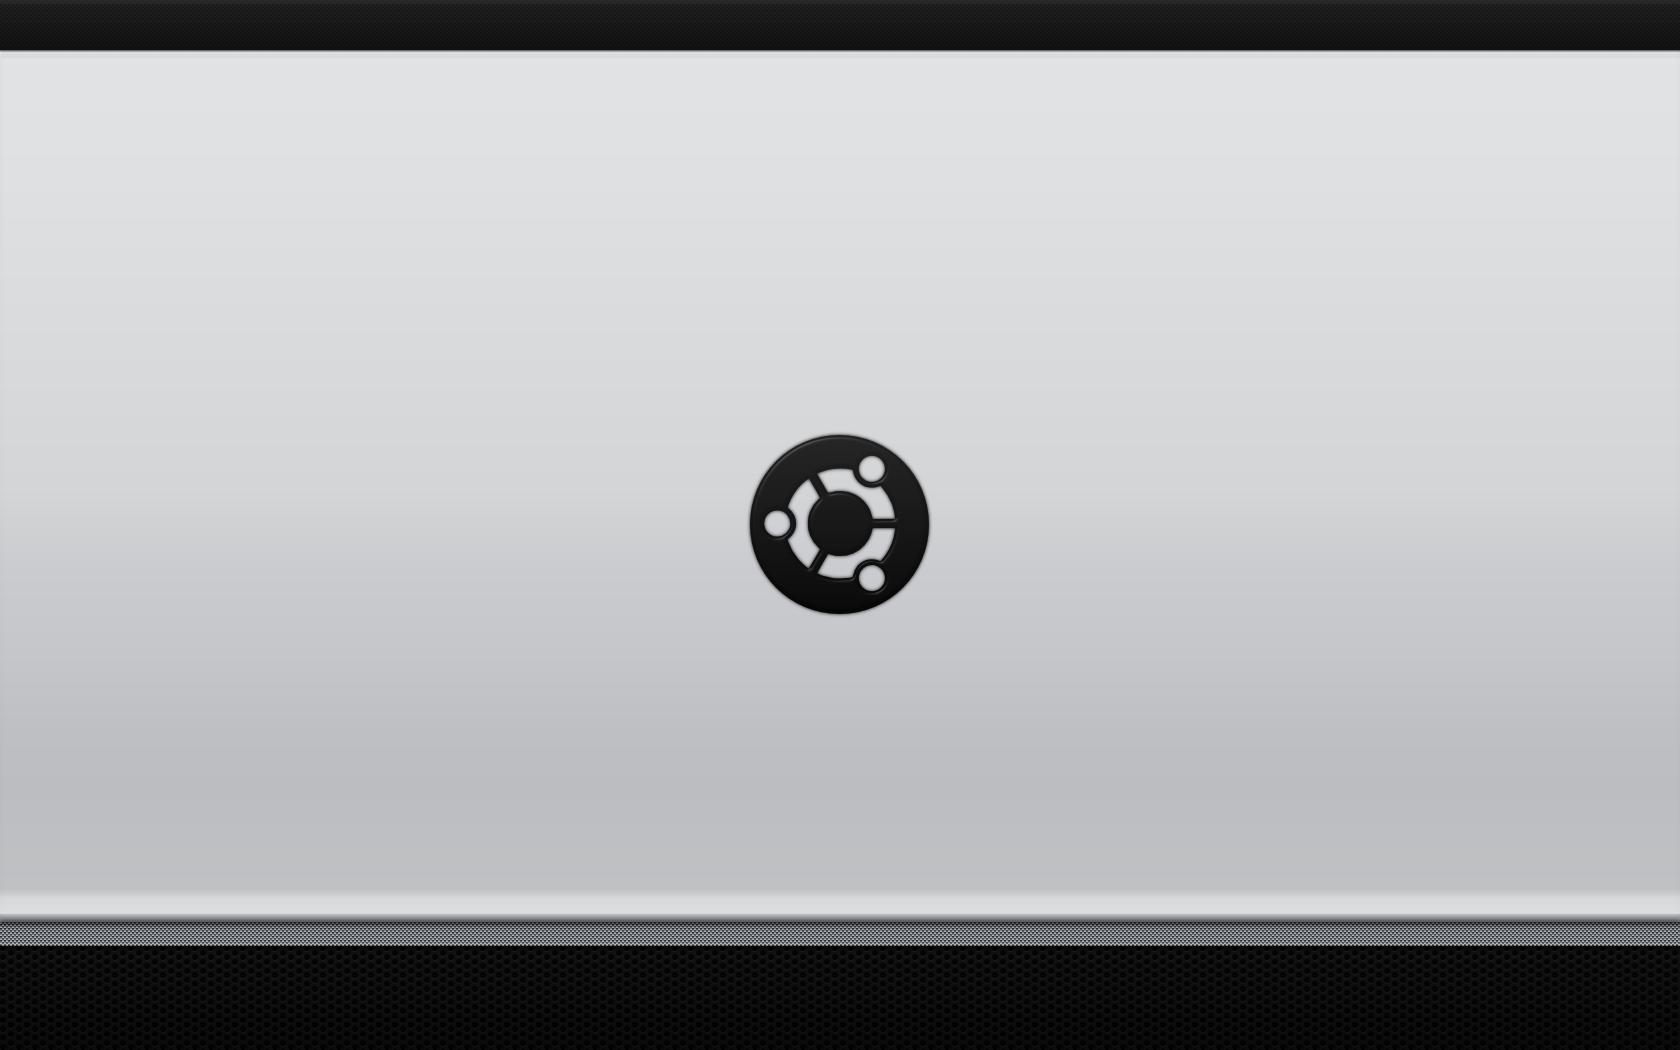 Ubuntu Mono by monkeymagico